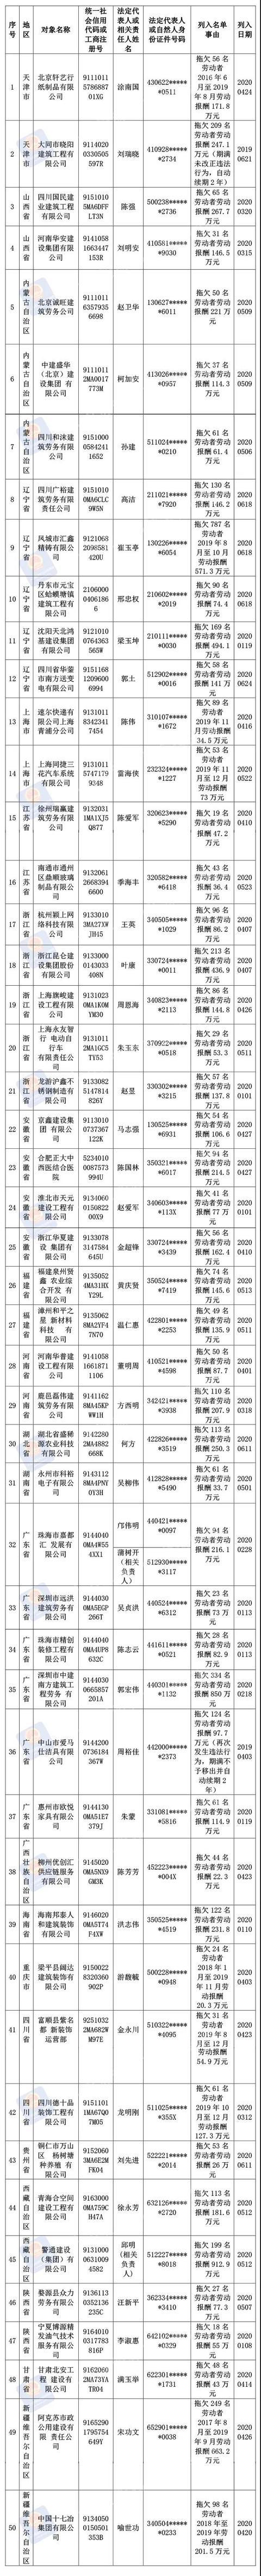 """2020第二批拖欠农民工工资""""黑名单""""公布 涉50家企业"""